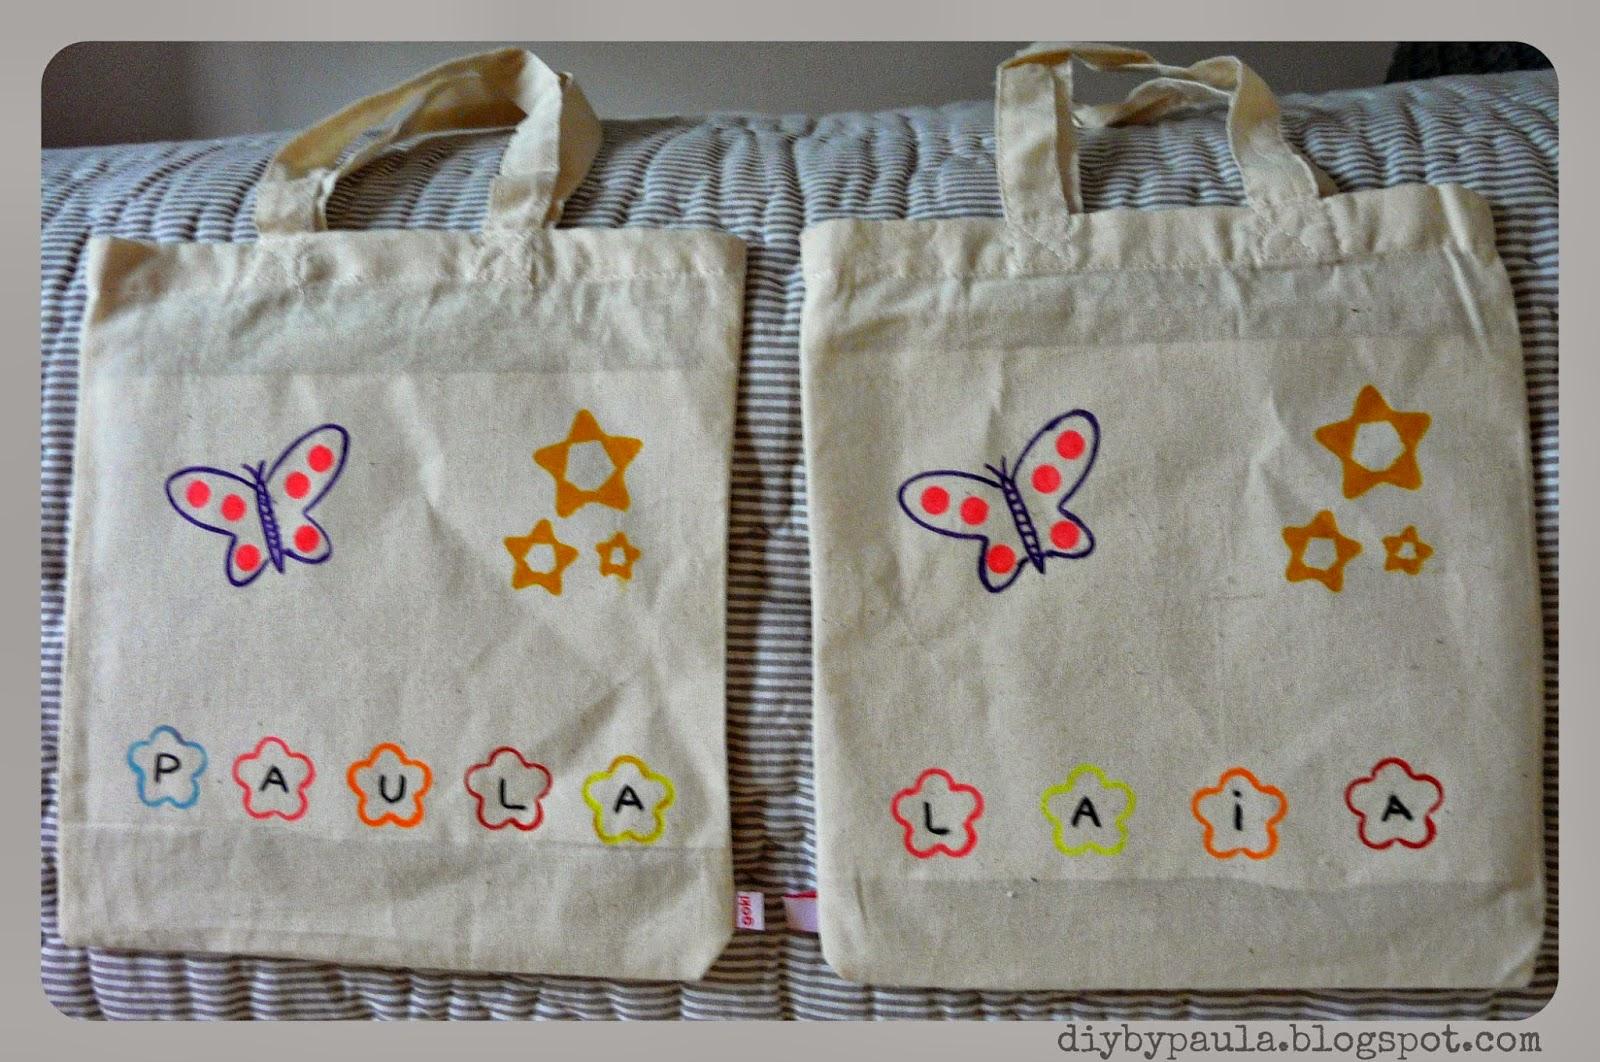 Diy by paula craftybox bolsas de tela para pintar - Bolsas para pintar ...